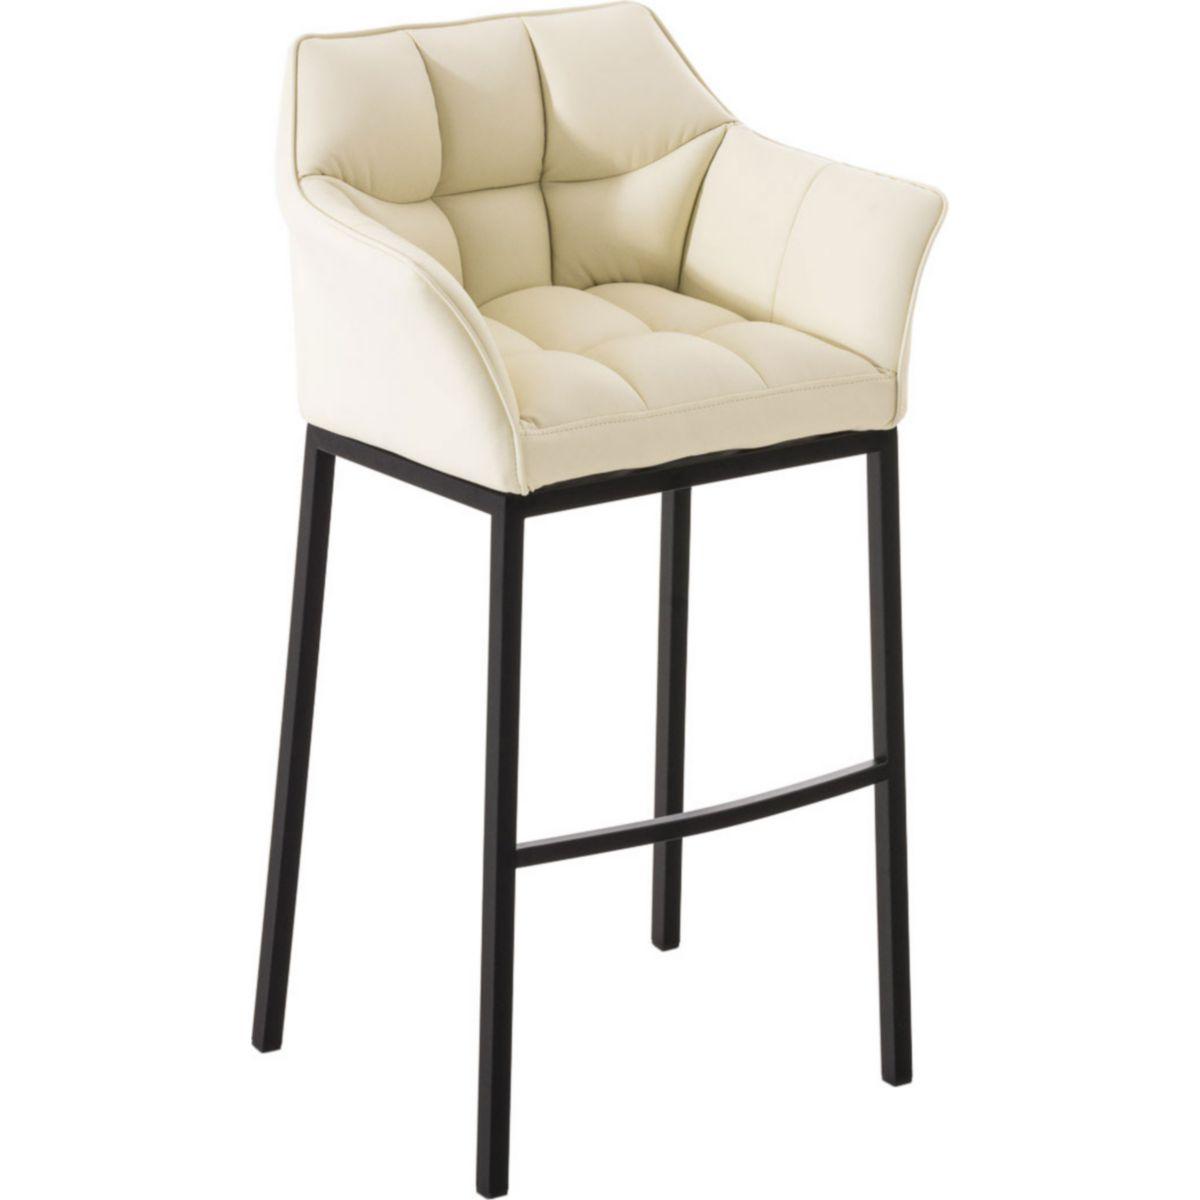 CLP Barhocker DAMASO B mit Rückenlehne und hochwertiger Polsterung | Barstuhl pflegeleichtem Kunstlederbezug Hocker hohem Sitzkomfort durch Lehne Fußstütze jetztbilligerkaufen